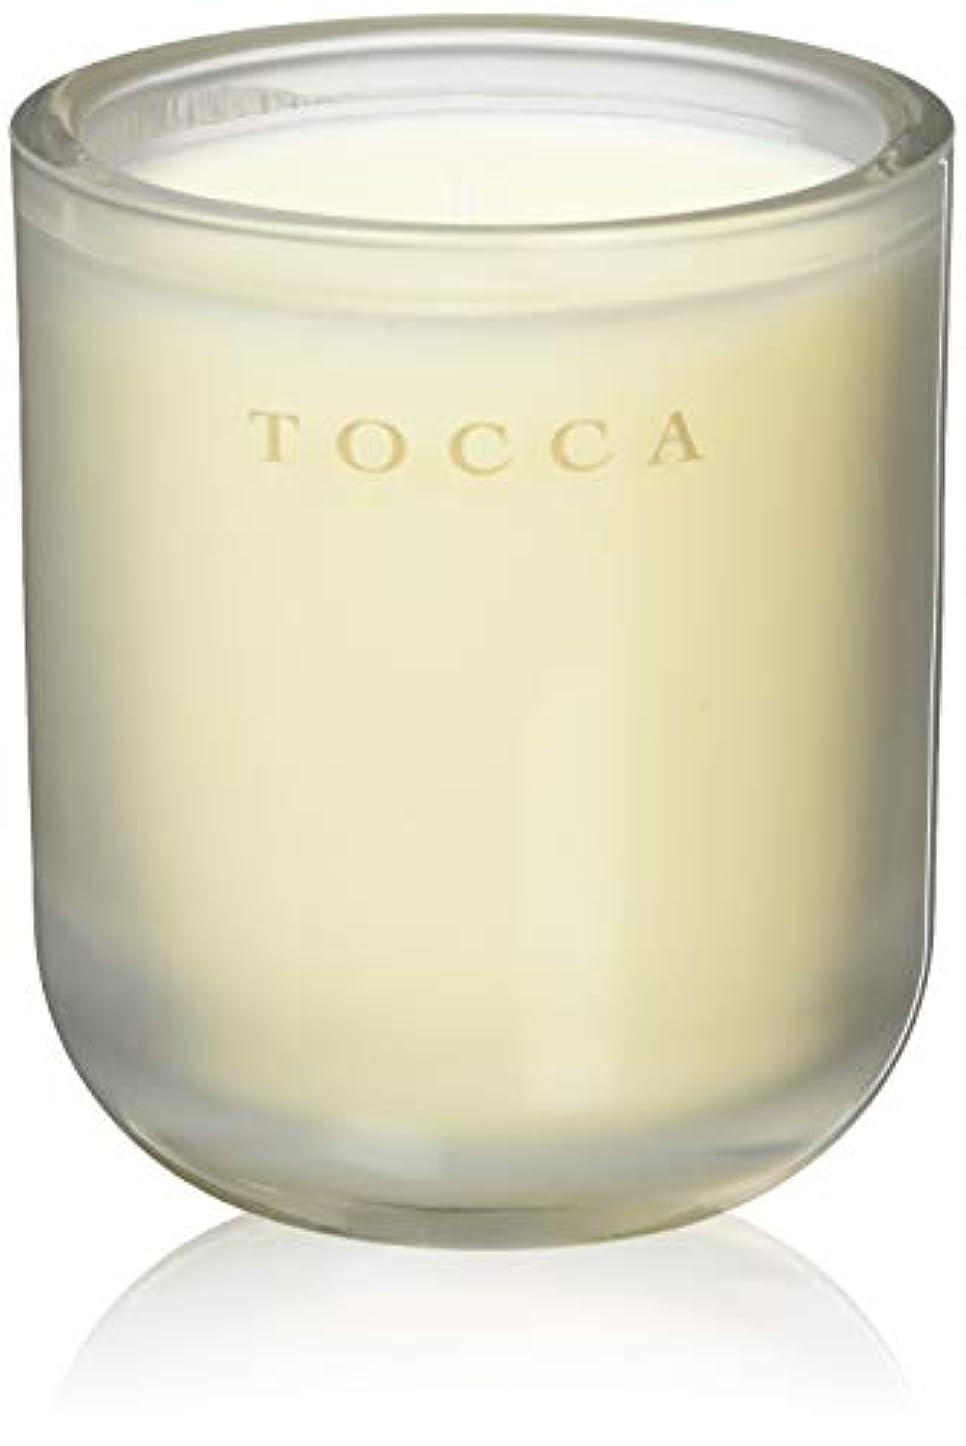 クリスチャン鋸歯状記念碑TOCCA(トッカ) ボヤージュ キャンドル バレンシア 287g (ろうそく 芳香 オレンジとベルガモットのフレッシュシトラスな香り)